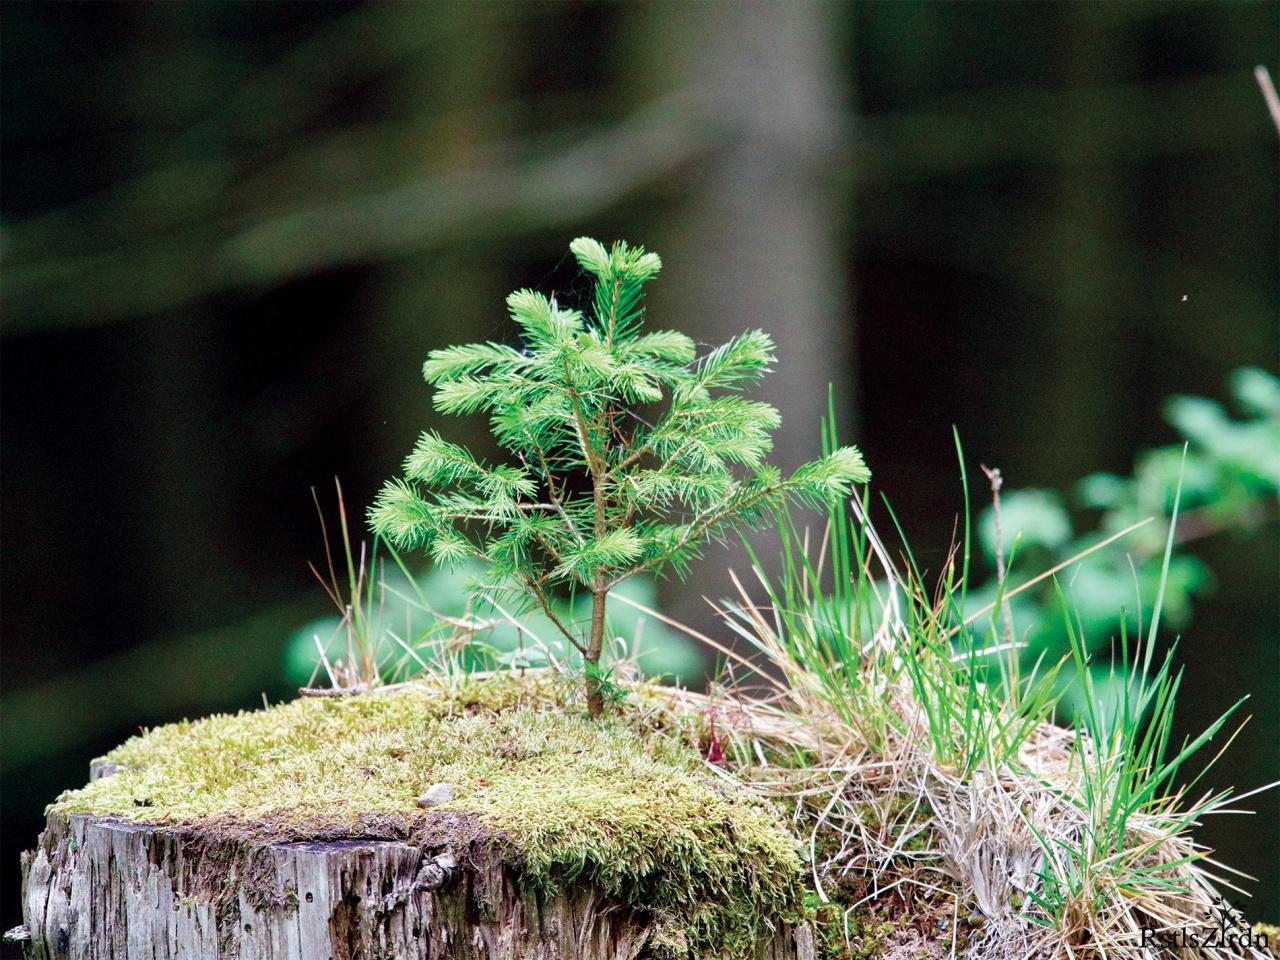 Kleine Fichte auf Baumstumpf